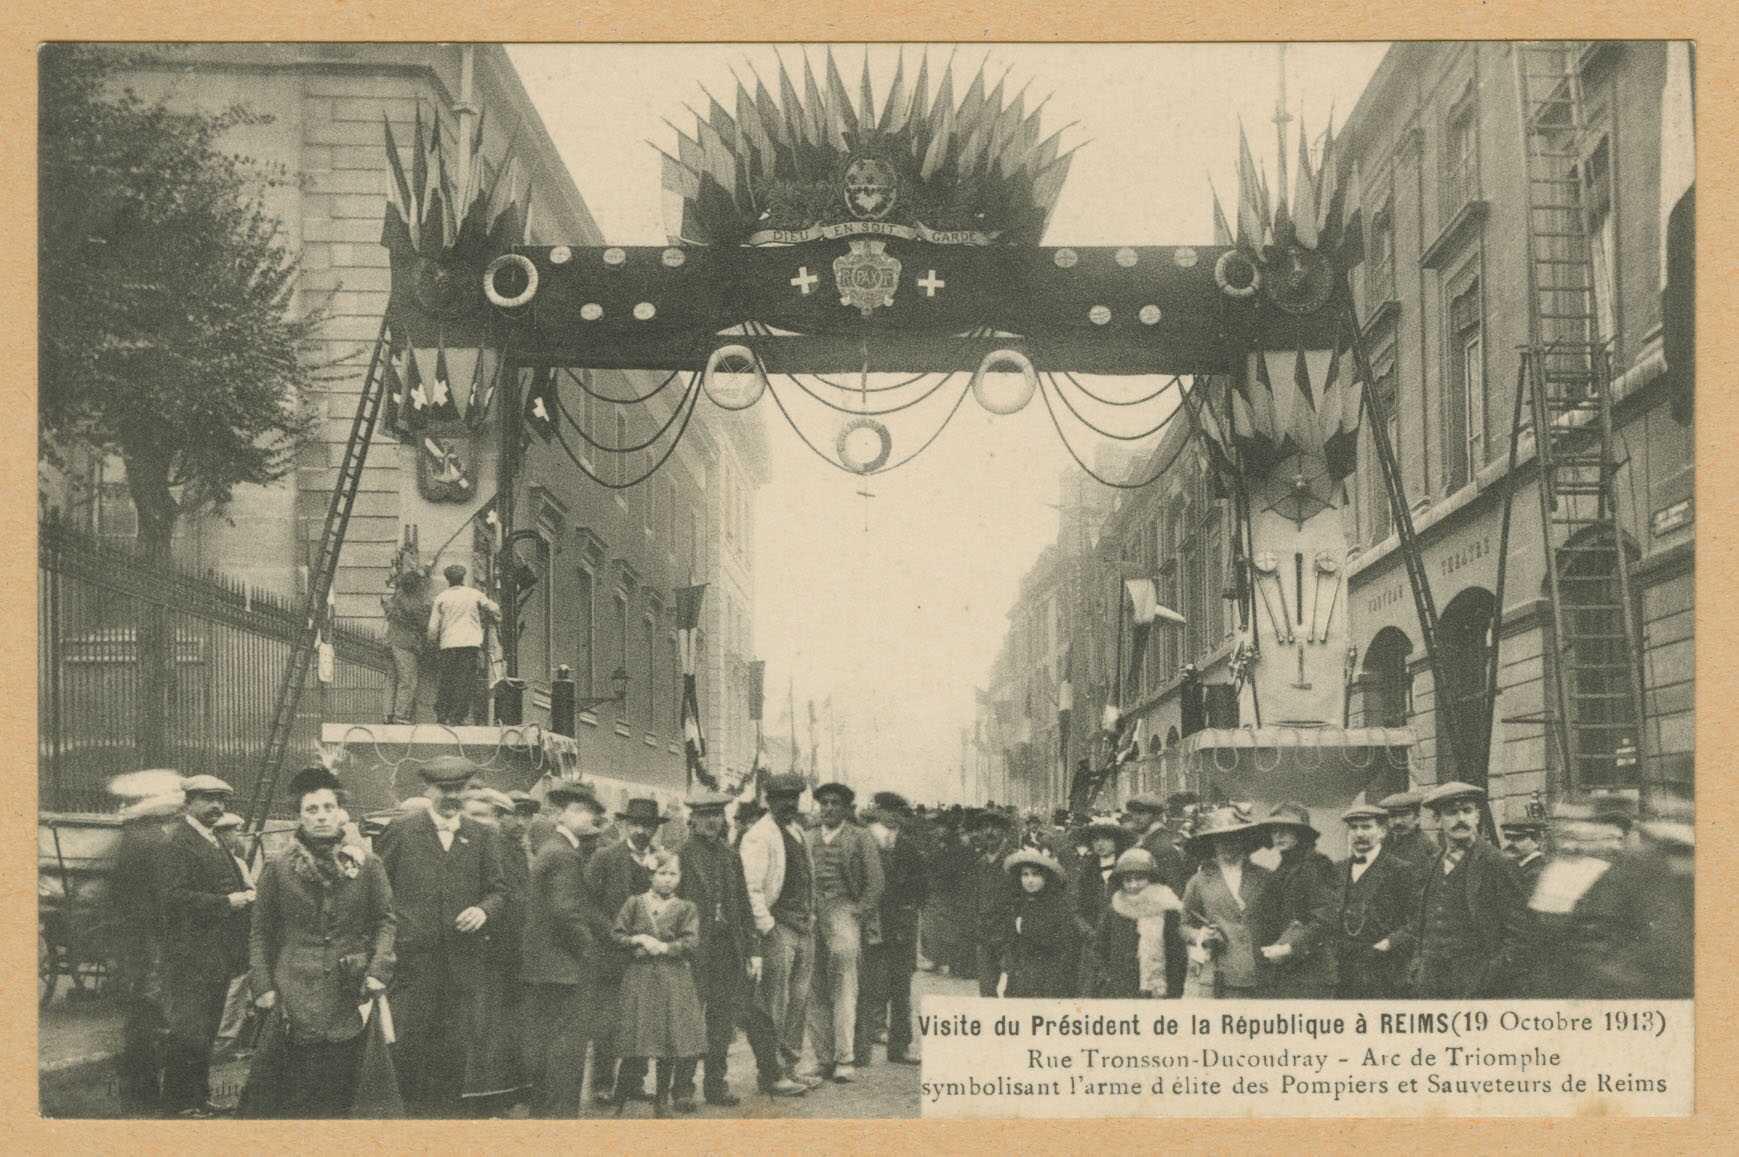 REIMS. Visite du président de la république à Reims (19 octobre 1913). Rue Tronsson-Ducoudray. Arc de triomphe symbolisant l'arùe d'élite des pompiers et sauveteurs de Reims. [Sans lieu] : Thuillier